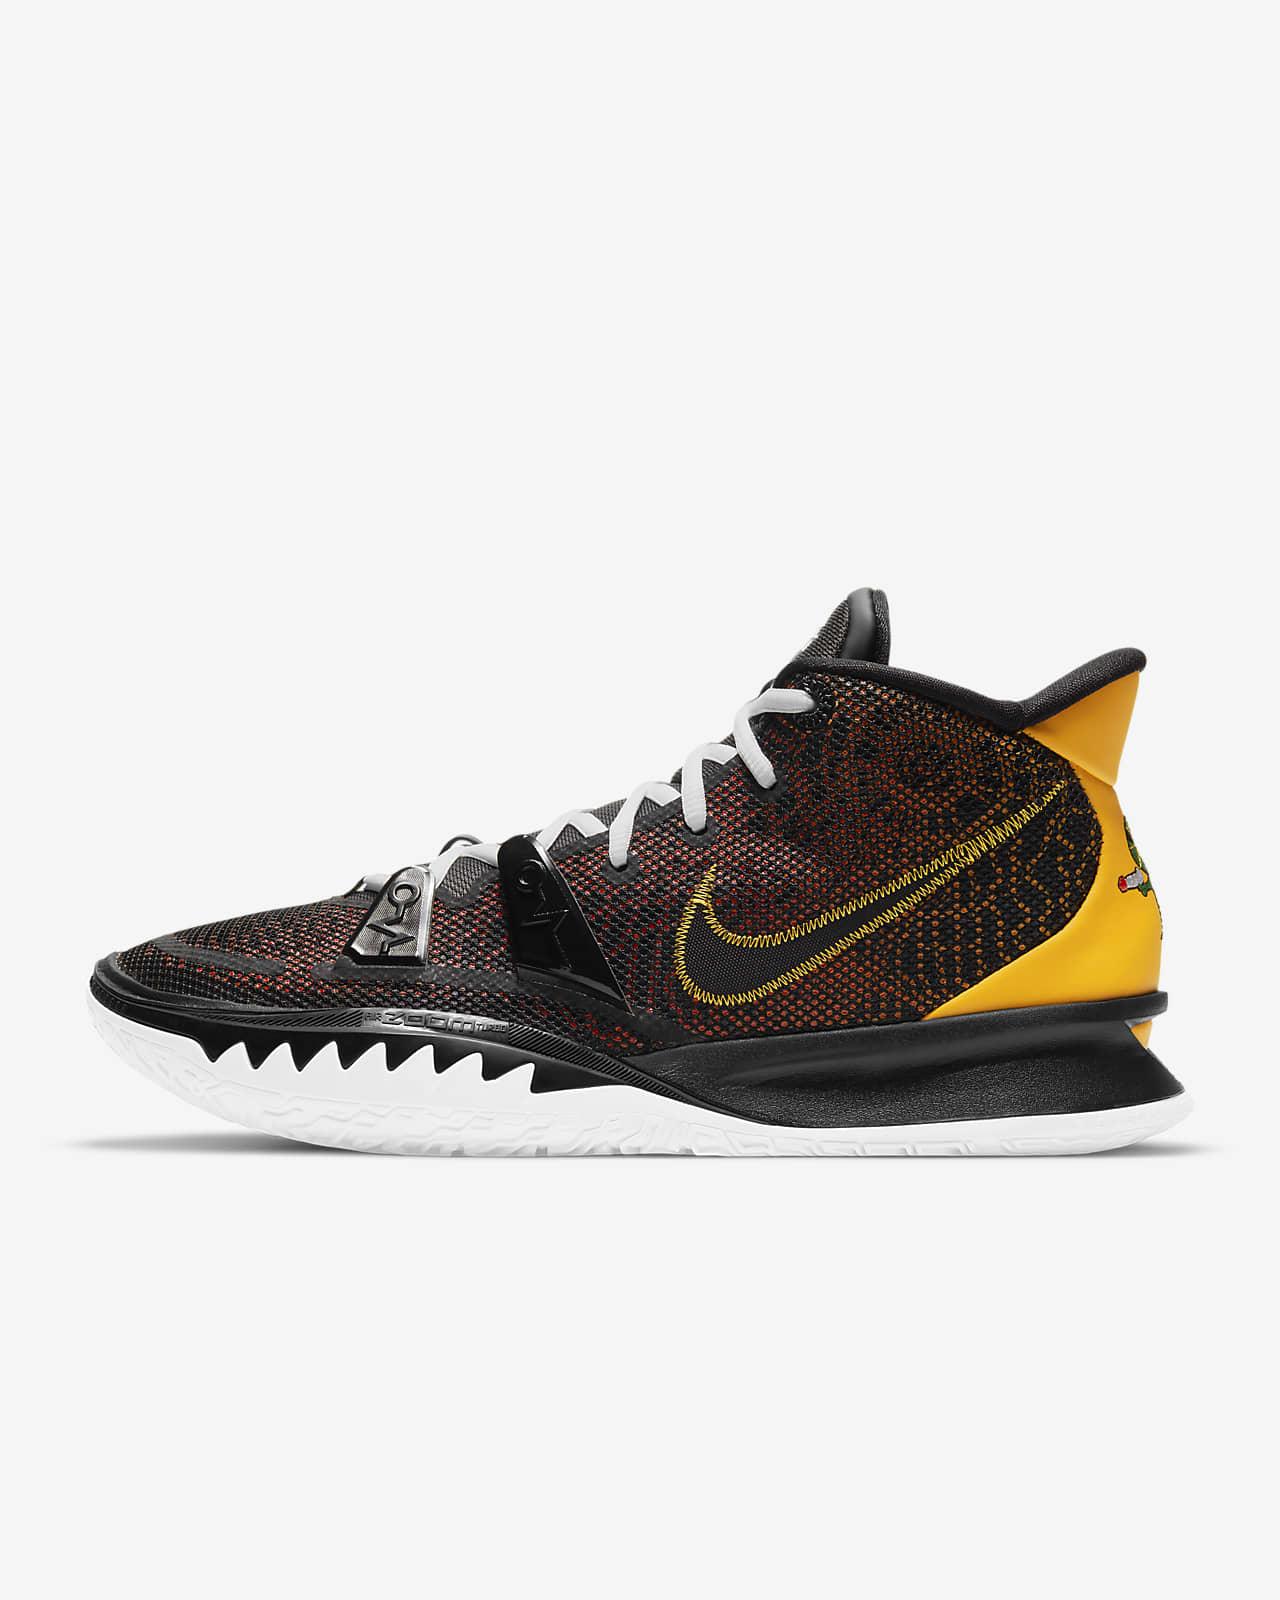 Chaussure de basketball Kyrie 7 « Rayguns »